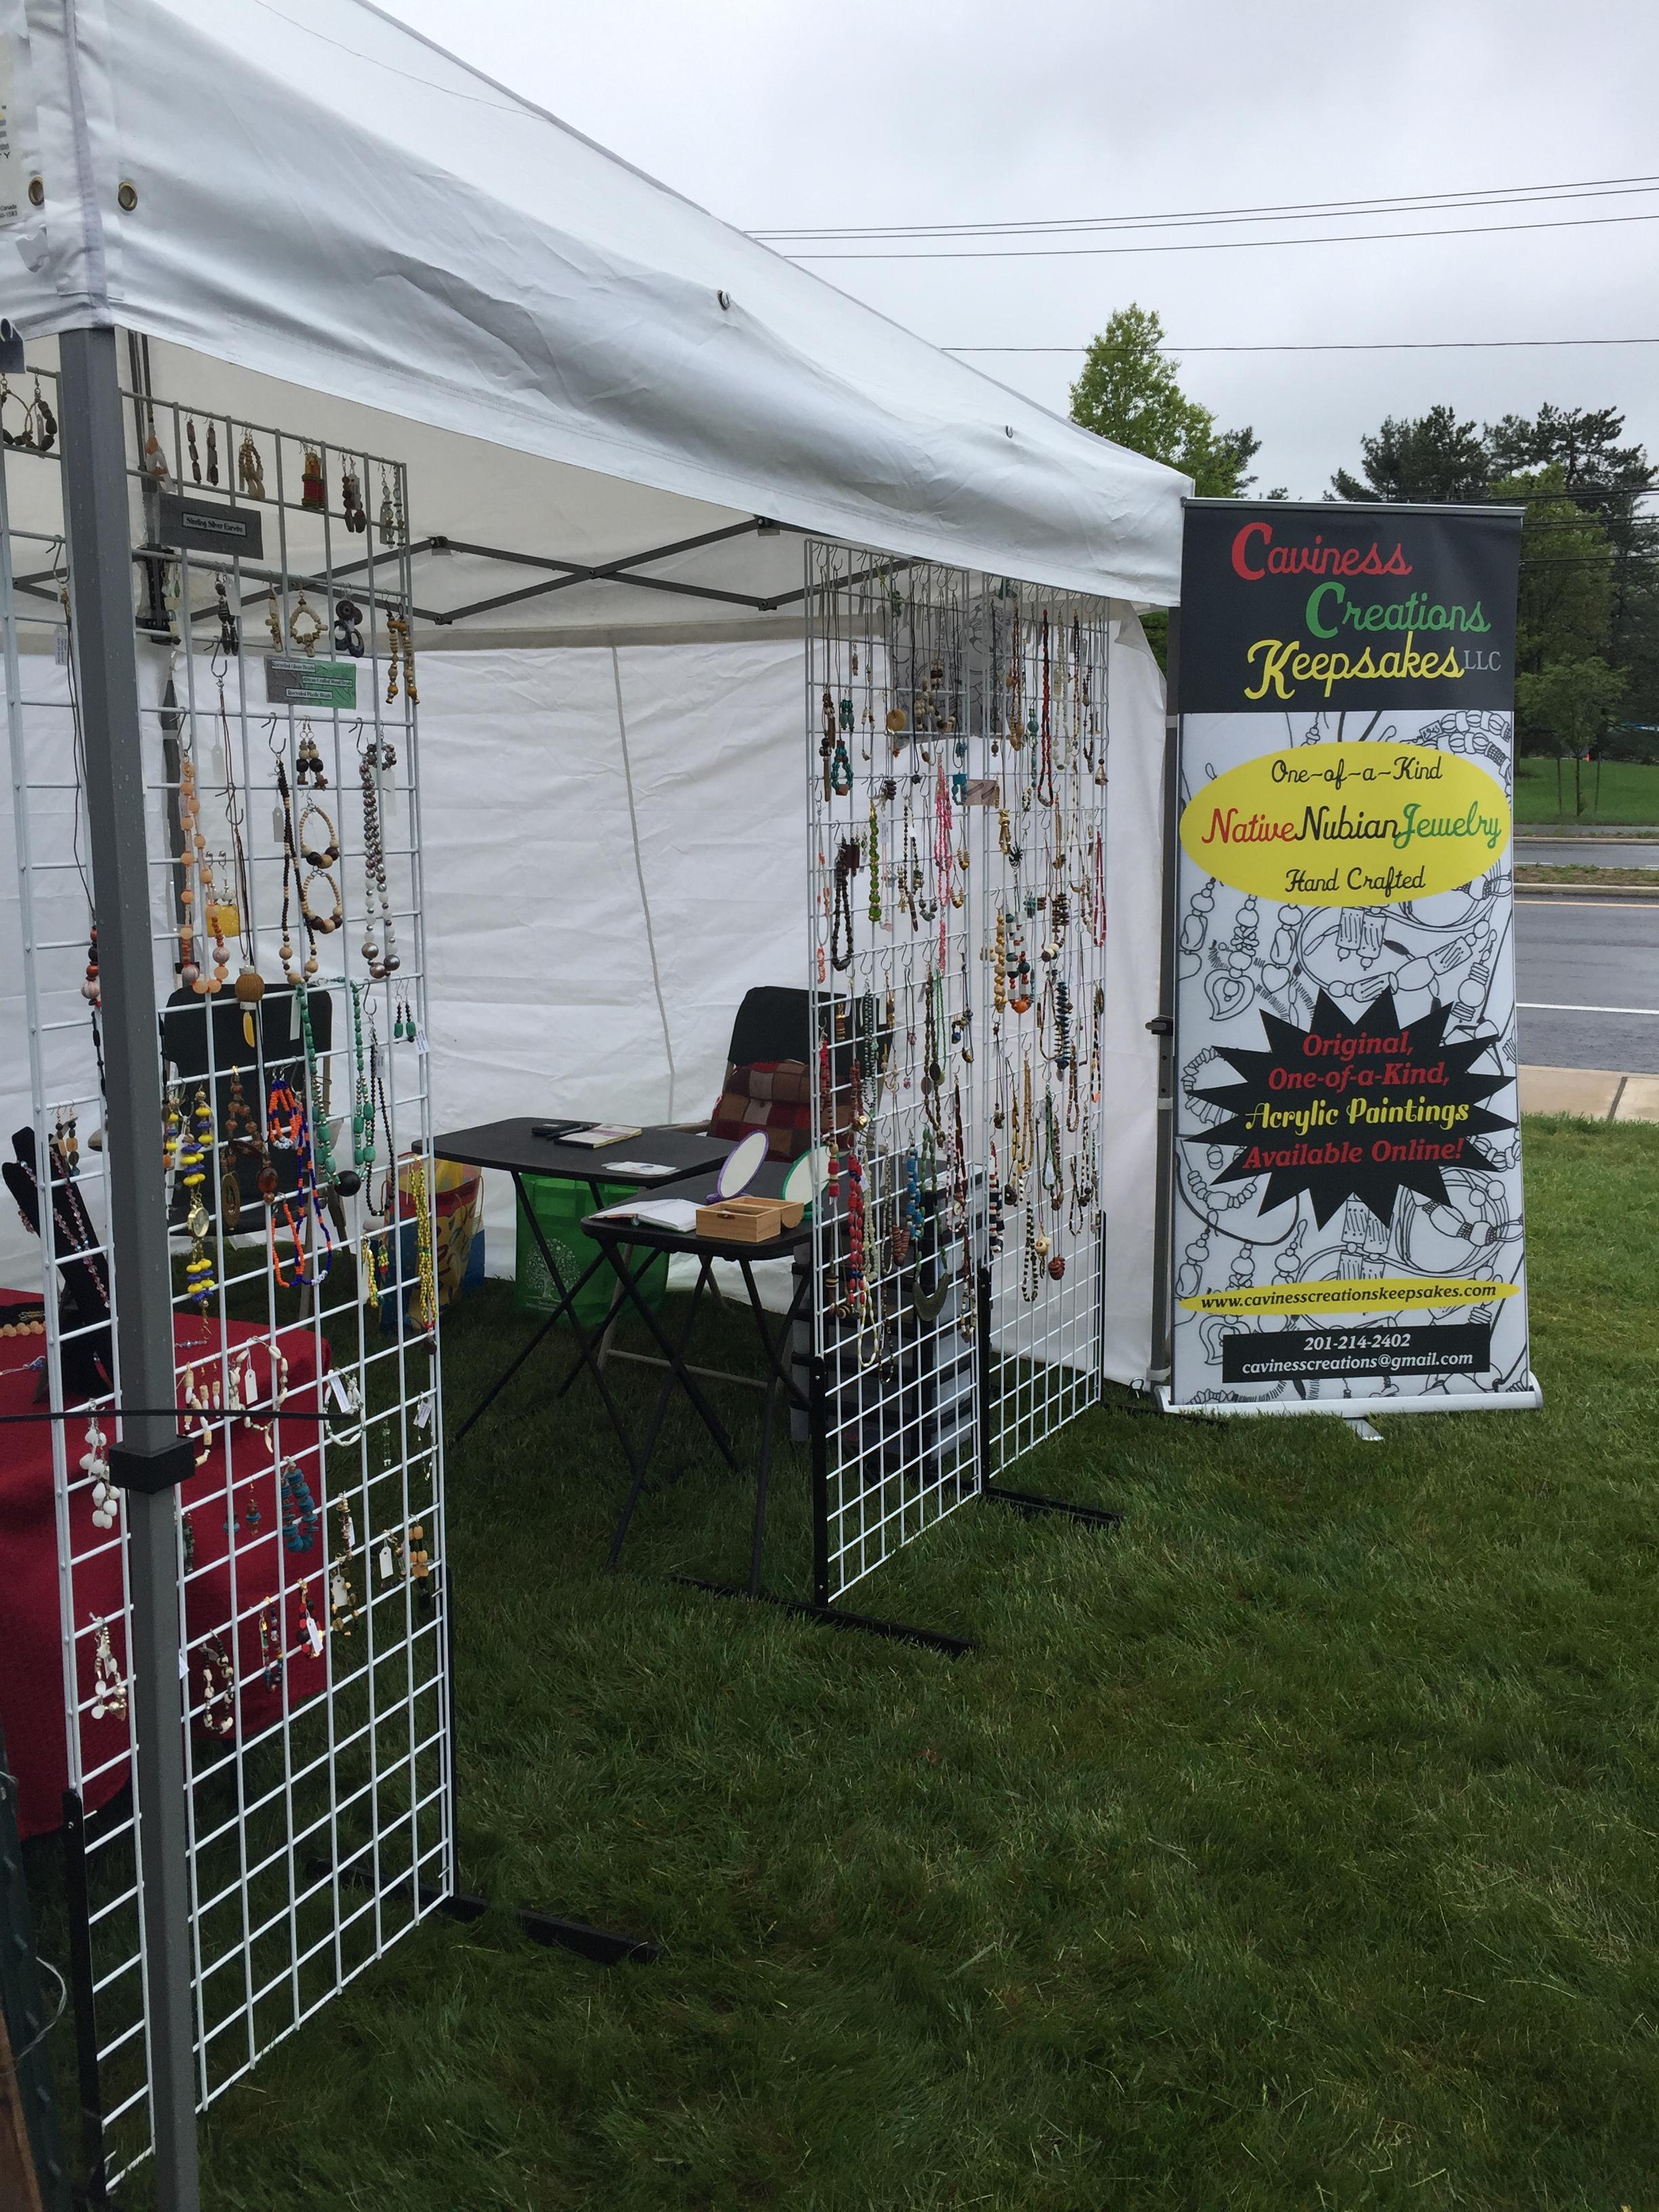 27th Piscataway Annual St Fair